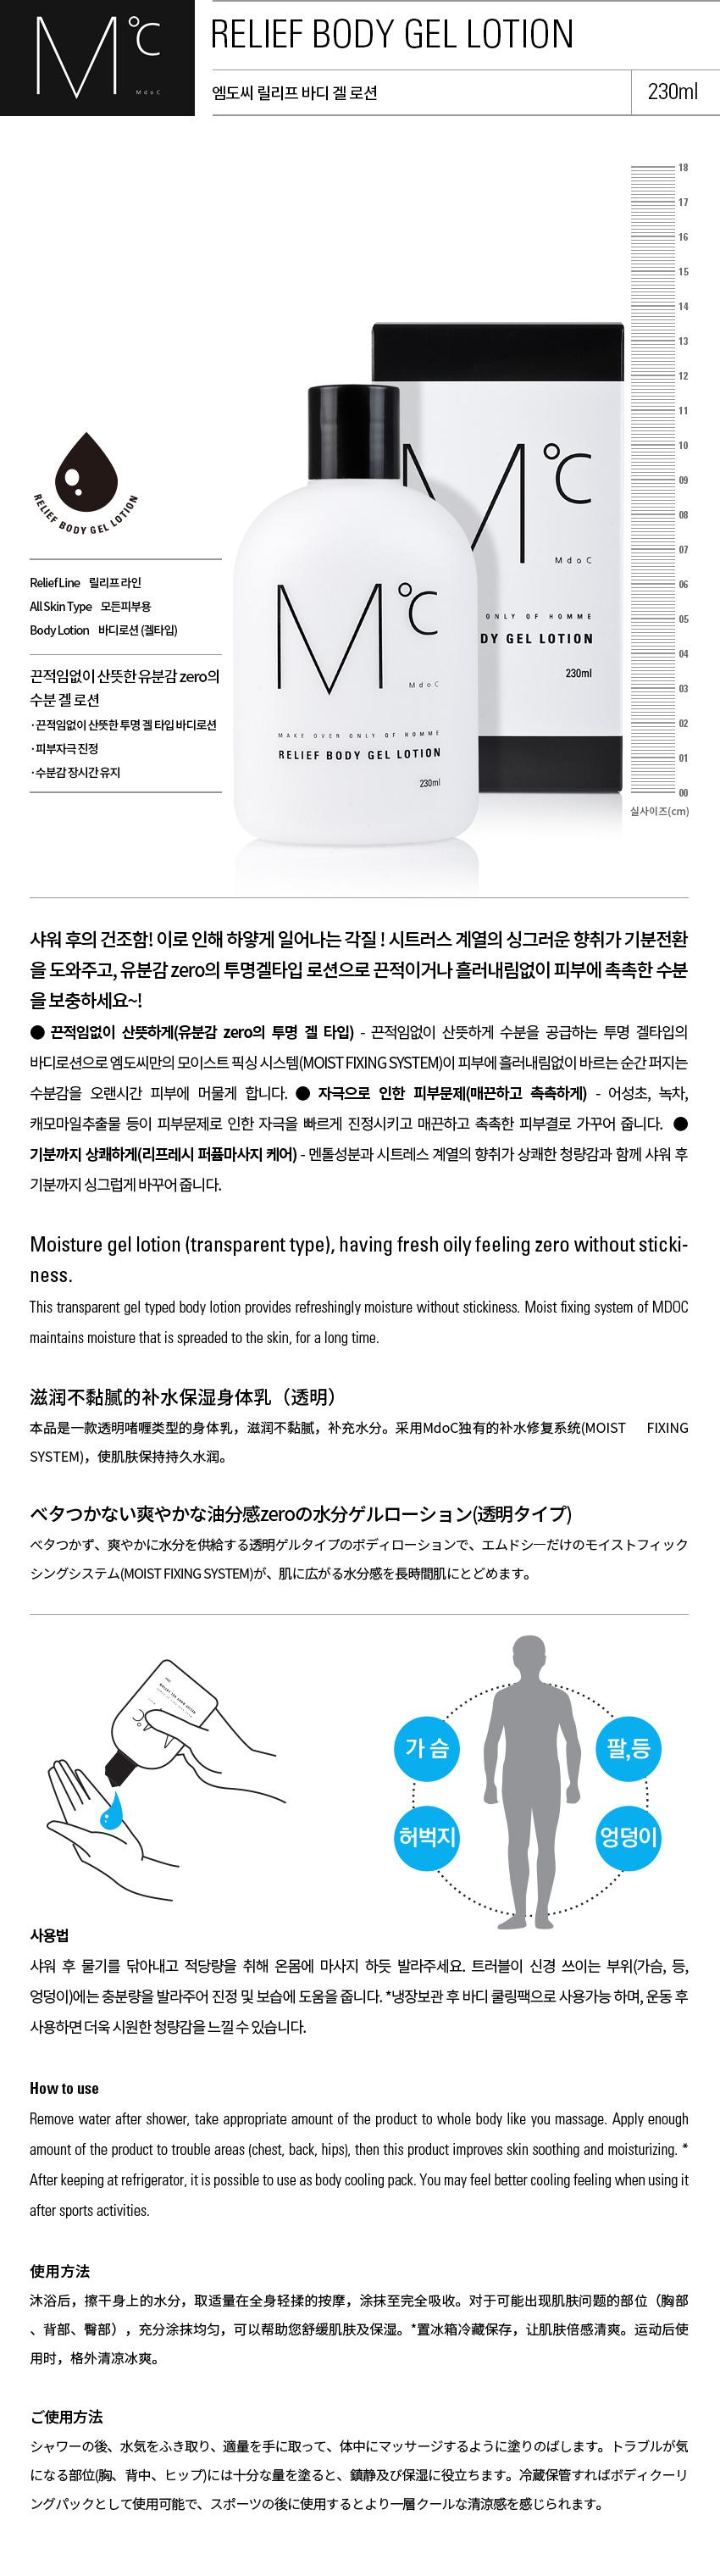 [엠도씨] 릴리프 바디 겔 로션 - 겔타입/산뜻한 남성 바디로션/남성화장품